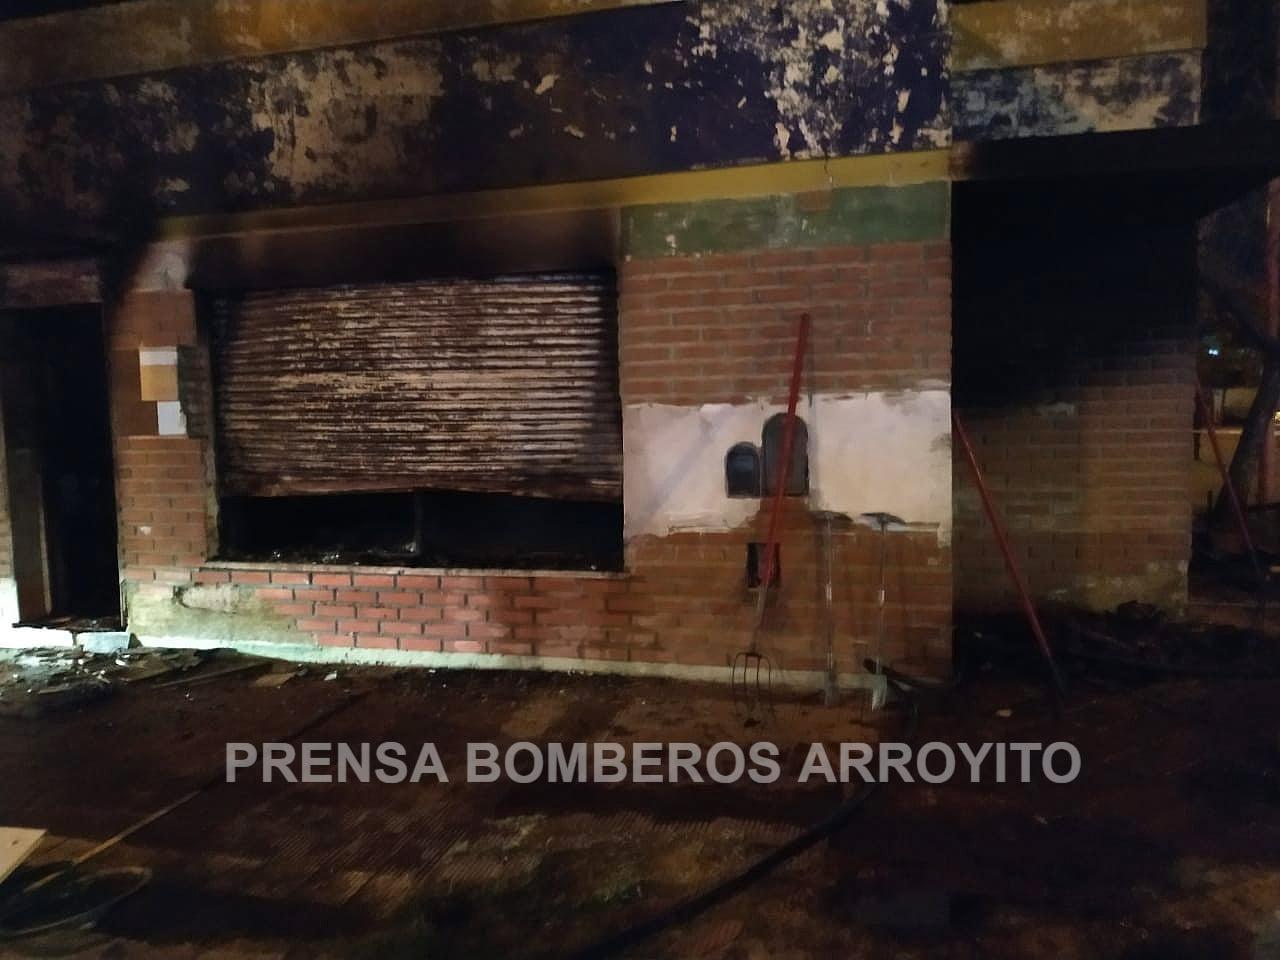 Arroyito: una joven y su bebé fallecieron en un incendio • Canal C